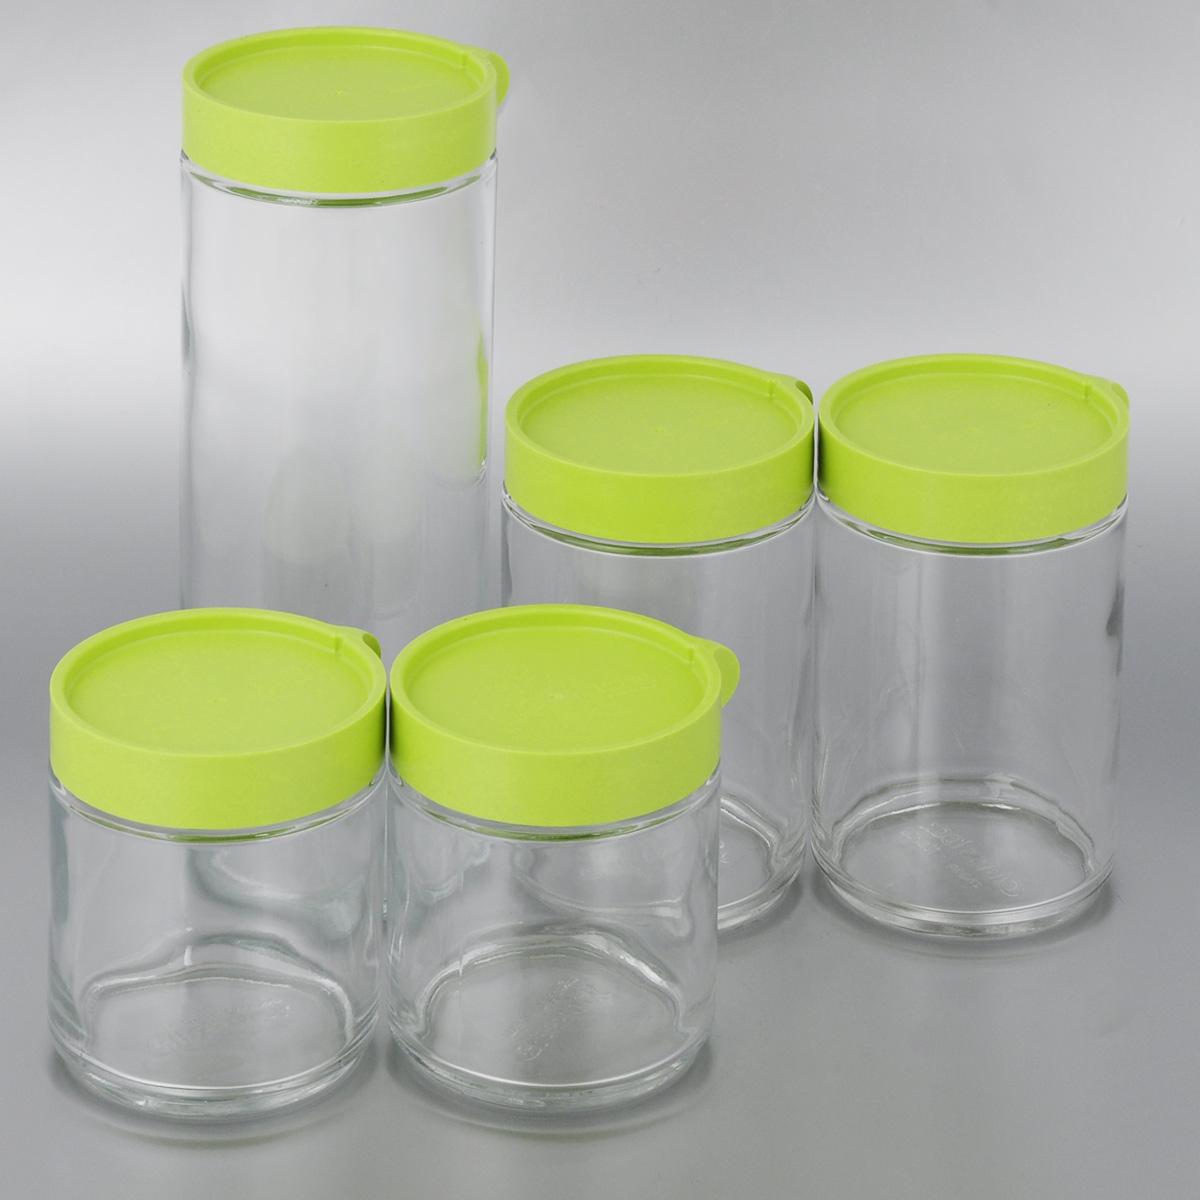 Набор емкостей для сыпучих продуктов Glasslock, 5 штIG-631Набор Glasslock, изготовленный извысококачественного стекла и пластика, состоит из5 емкостей разного объема. Емкостипрекрасно подойдут для хранения различныхсыпучих продуктов:специй, чая, кофе, сахара, круп и многого другого.Изделия удобно ставятся друг на друга дляэкономии места на кухне.Емкости надежно закрываются крышками.Благодаря этому они будут дольшесохранять свежесть ваших продуктов.Функциональные и вместительные, такие емкостистанут незаменимымиаксессуарами на любой кухне. Можно мытьв посудомоечной машине. Не рекомендуетсяиспользовать в духовом шкафу и микроволновойпечи.Объем емкостей: 0,4 л; 0,4 л; 0,6 л; 0,6 л; 1 л л.Диаметр емкостей (по верхнему краю): 7,5 см.Высота емкостей: 10,5 см; 10,5 см; 14,5 см; 14,5 см;24 см.